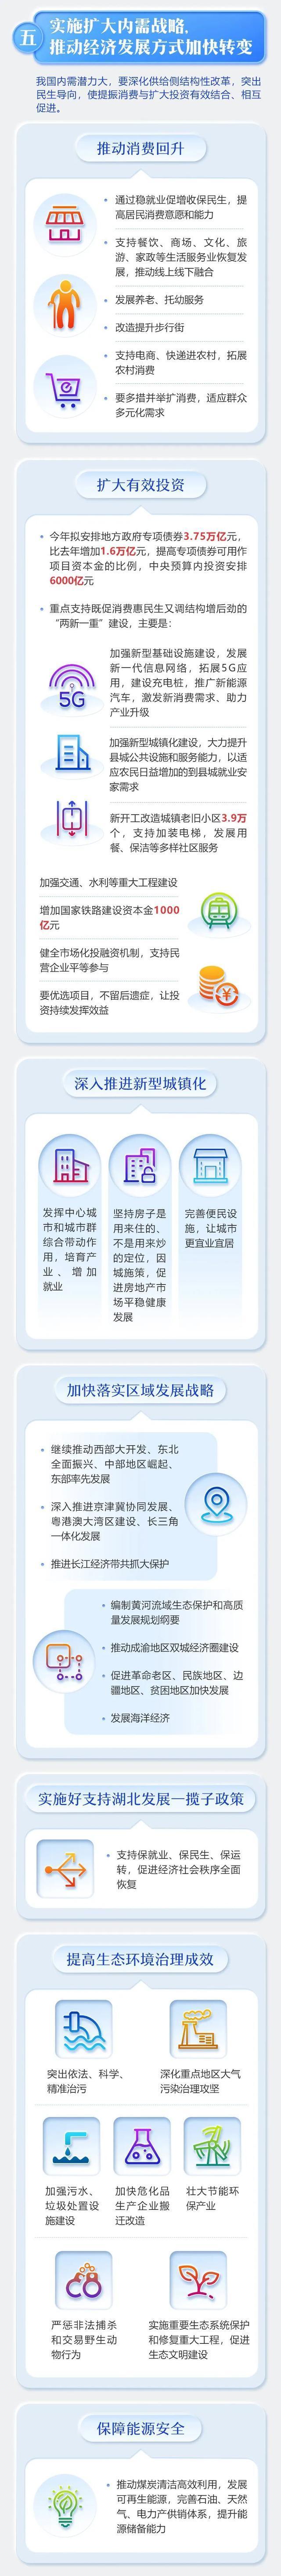 """政府部门工作总结报告三次谈及""""湖南长沙"""",执行好适用湖北省发展趋势一揽子现行政策 第12张"""